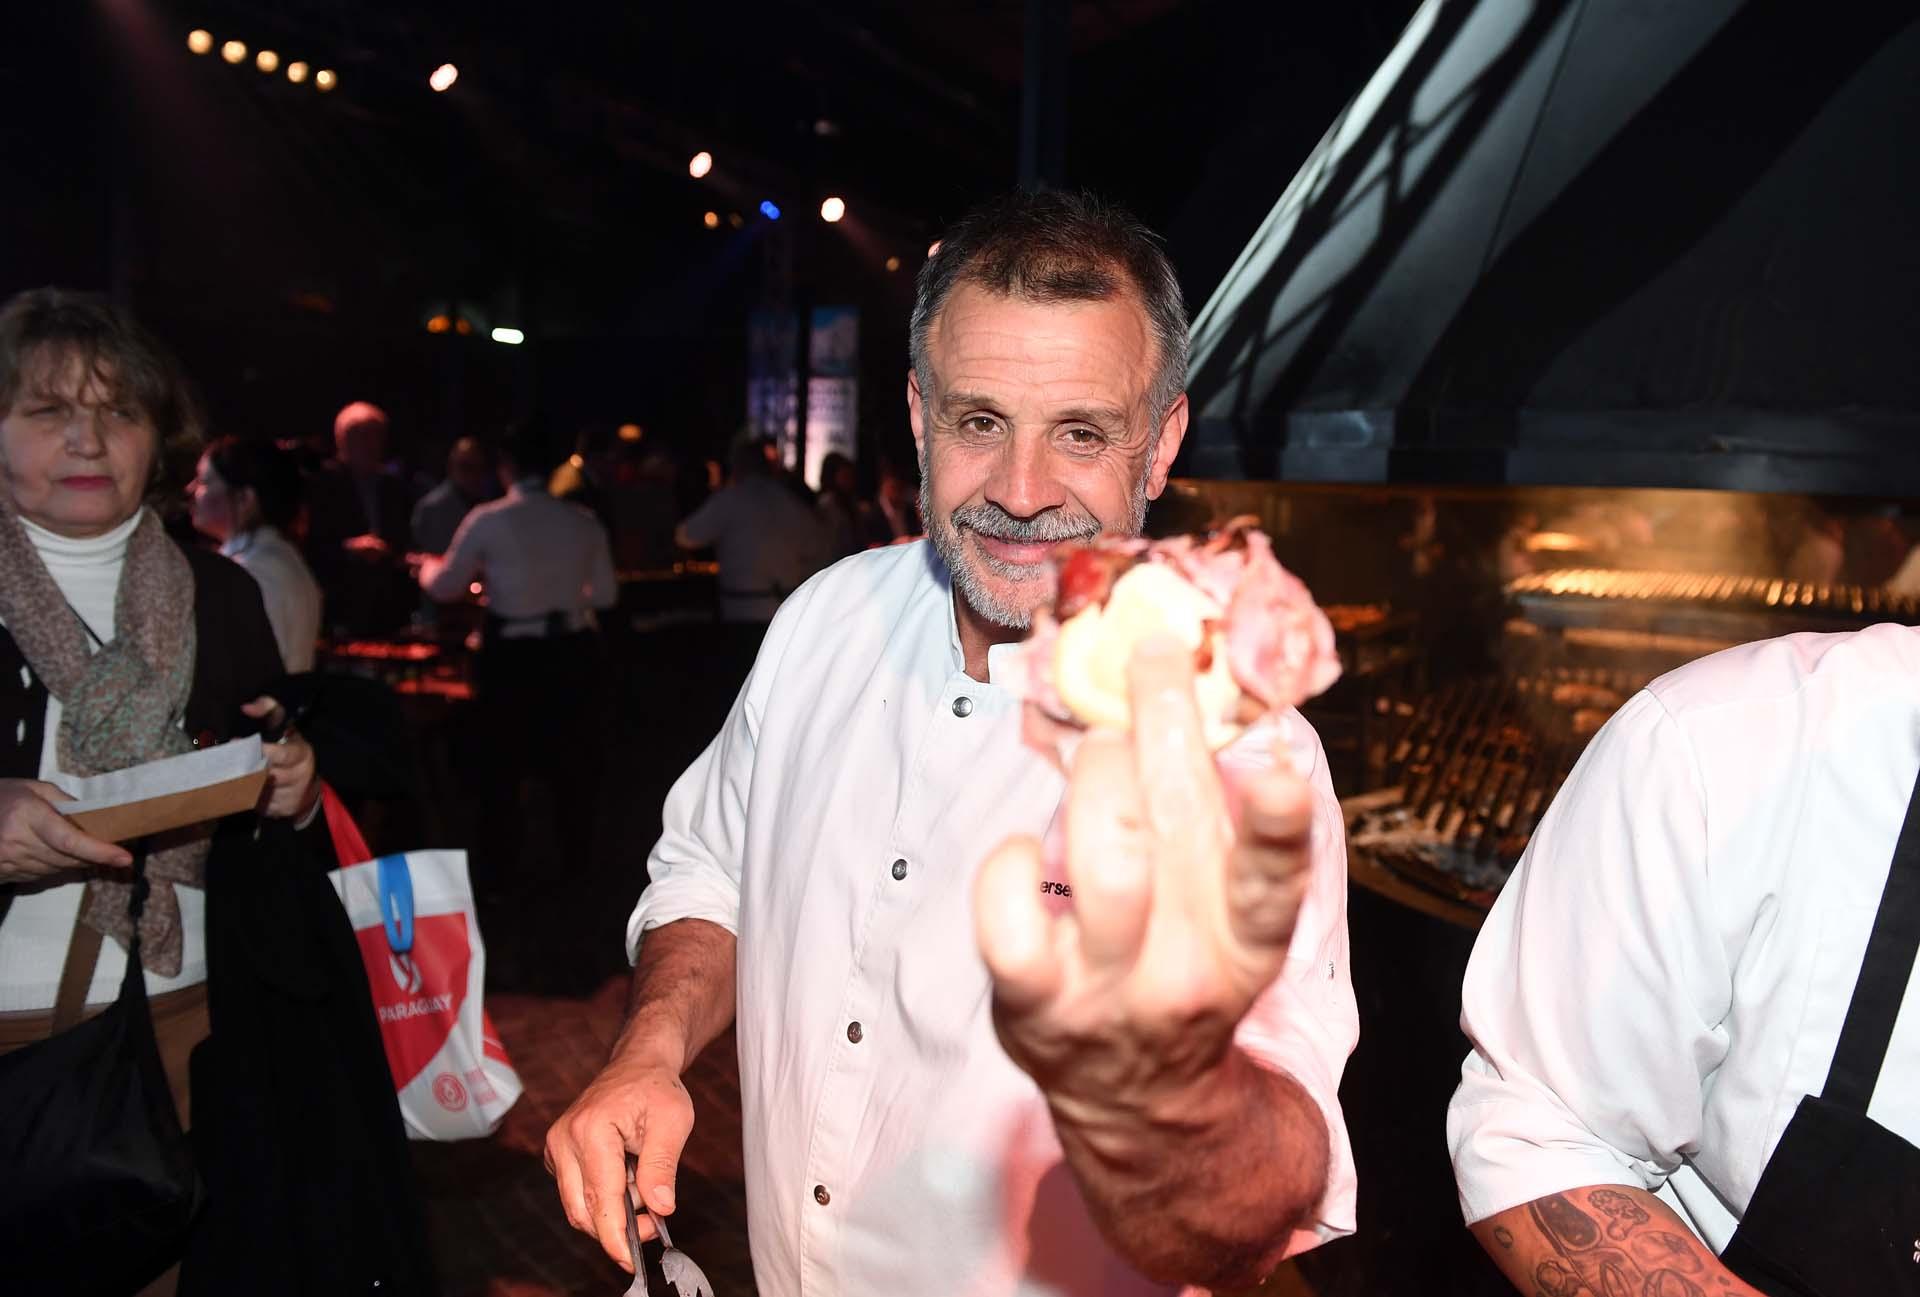 De la mano de Christian Petersen, los invitados degustaron un gran asado y platos típicos de la cocina uruguaya.